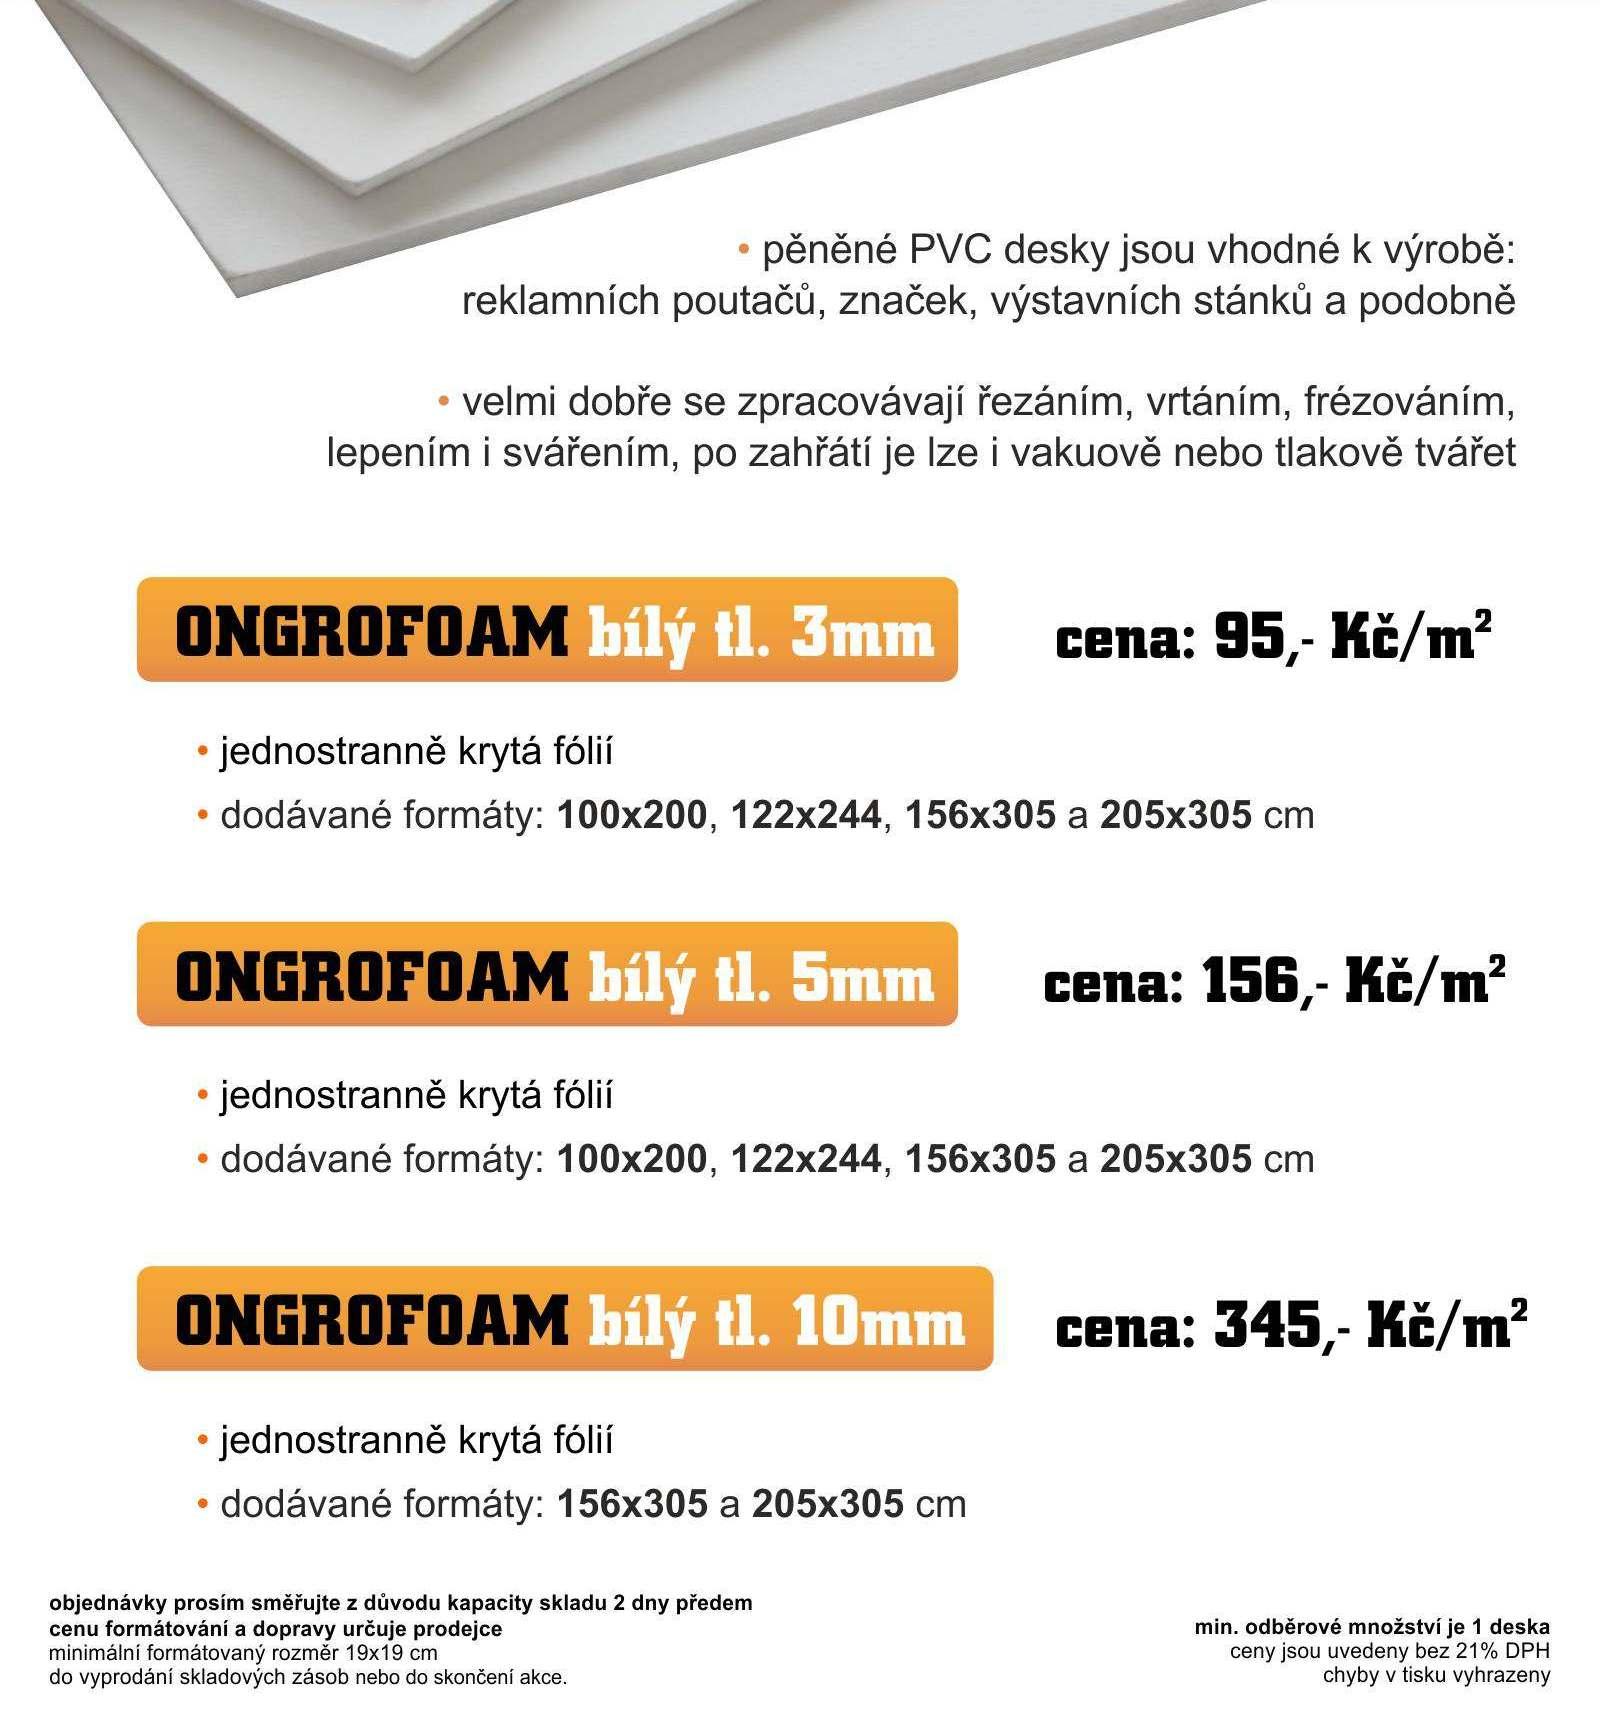 AKCE GR - PVC ONGROFOAM